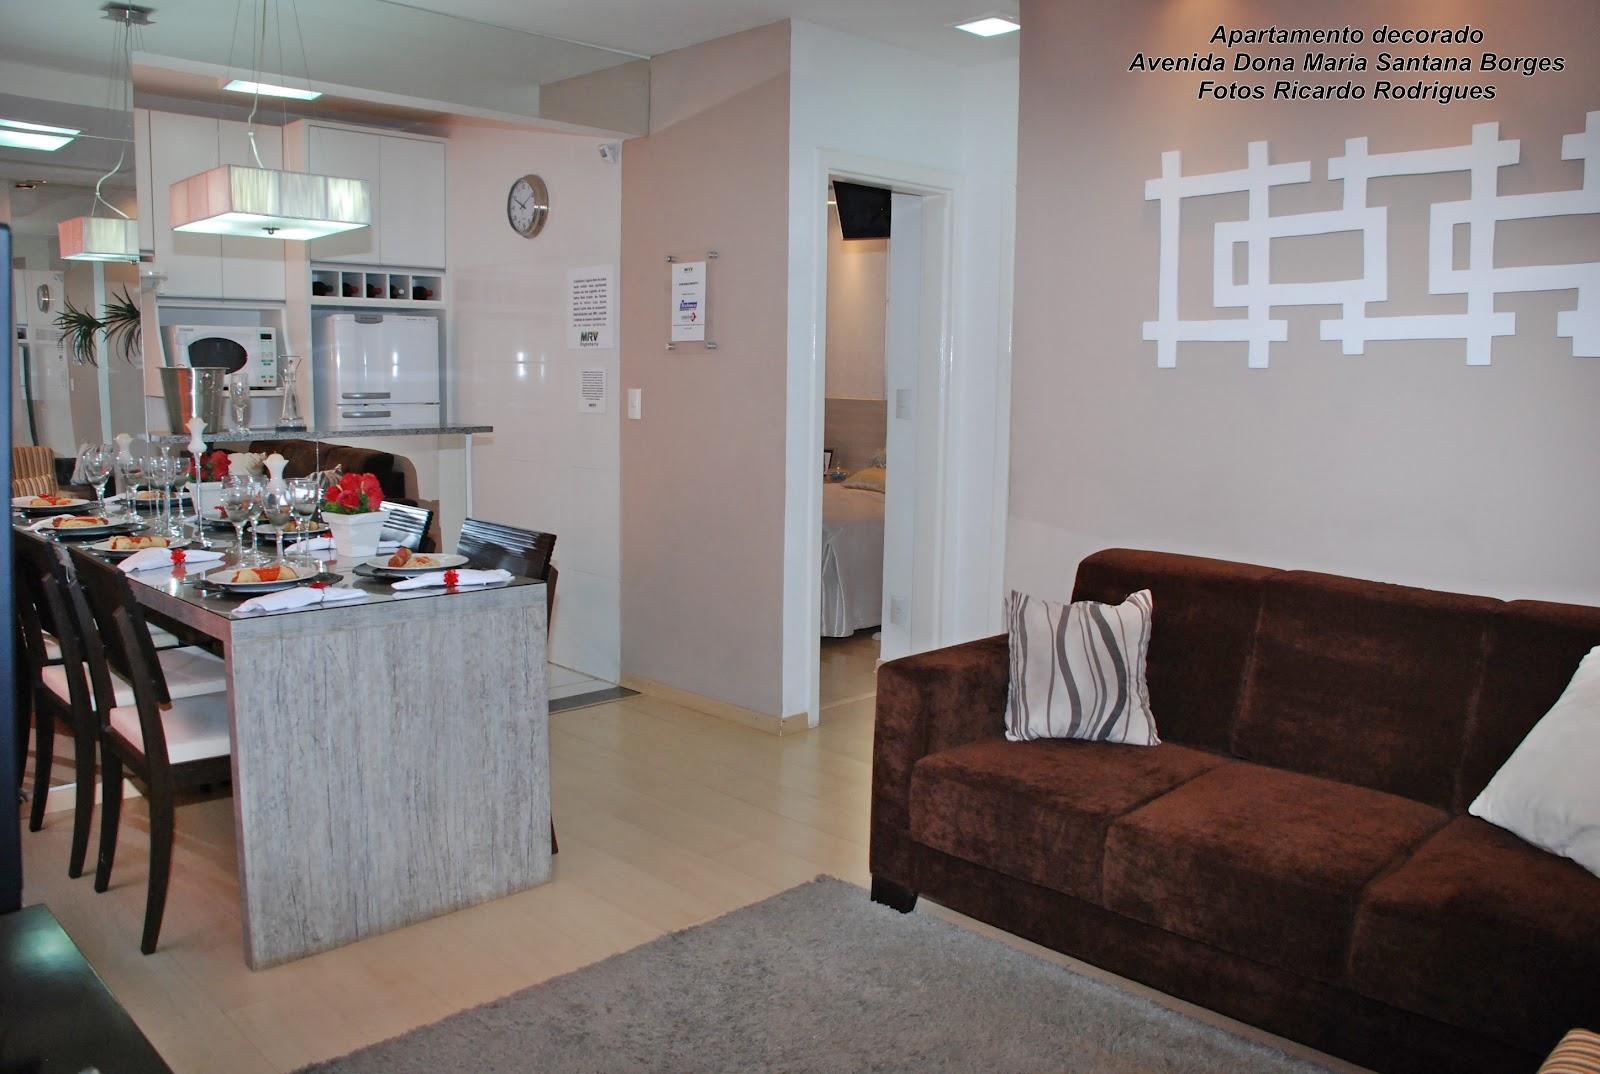 modelos de planta de casas 2 quartos sala cozinha e banheiro Quotes #623E35 1600 1074